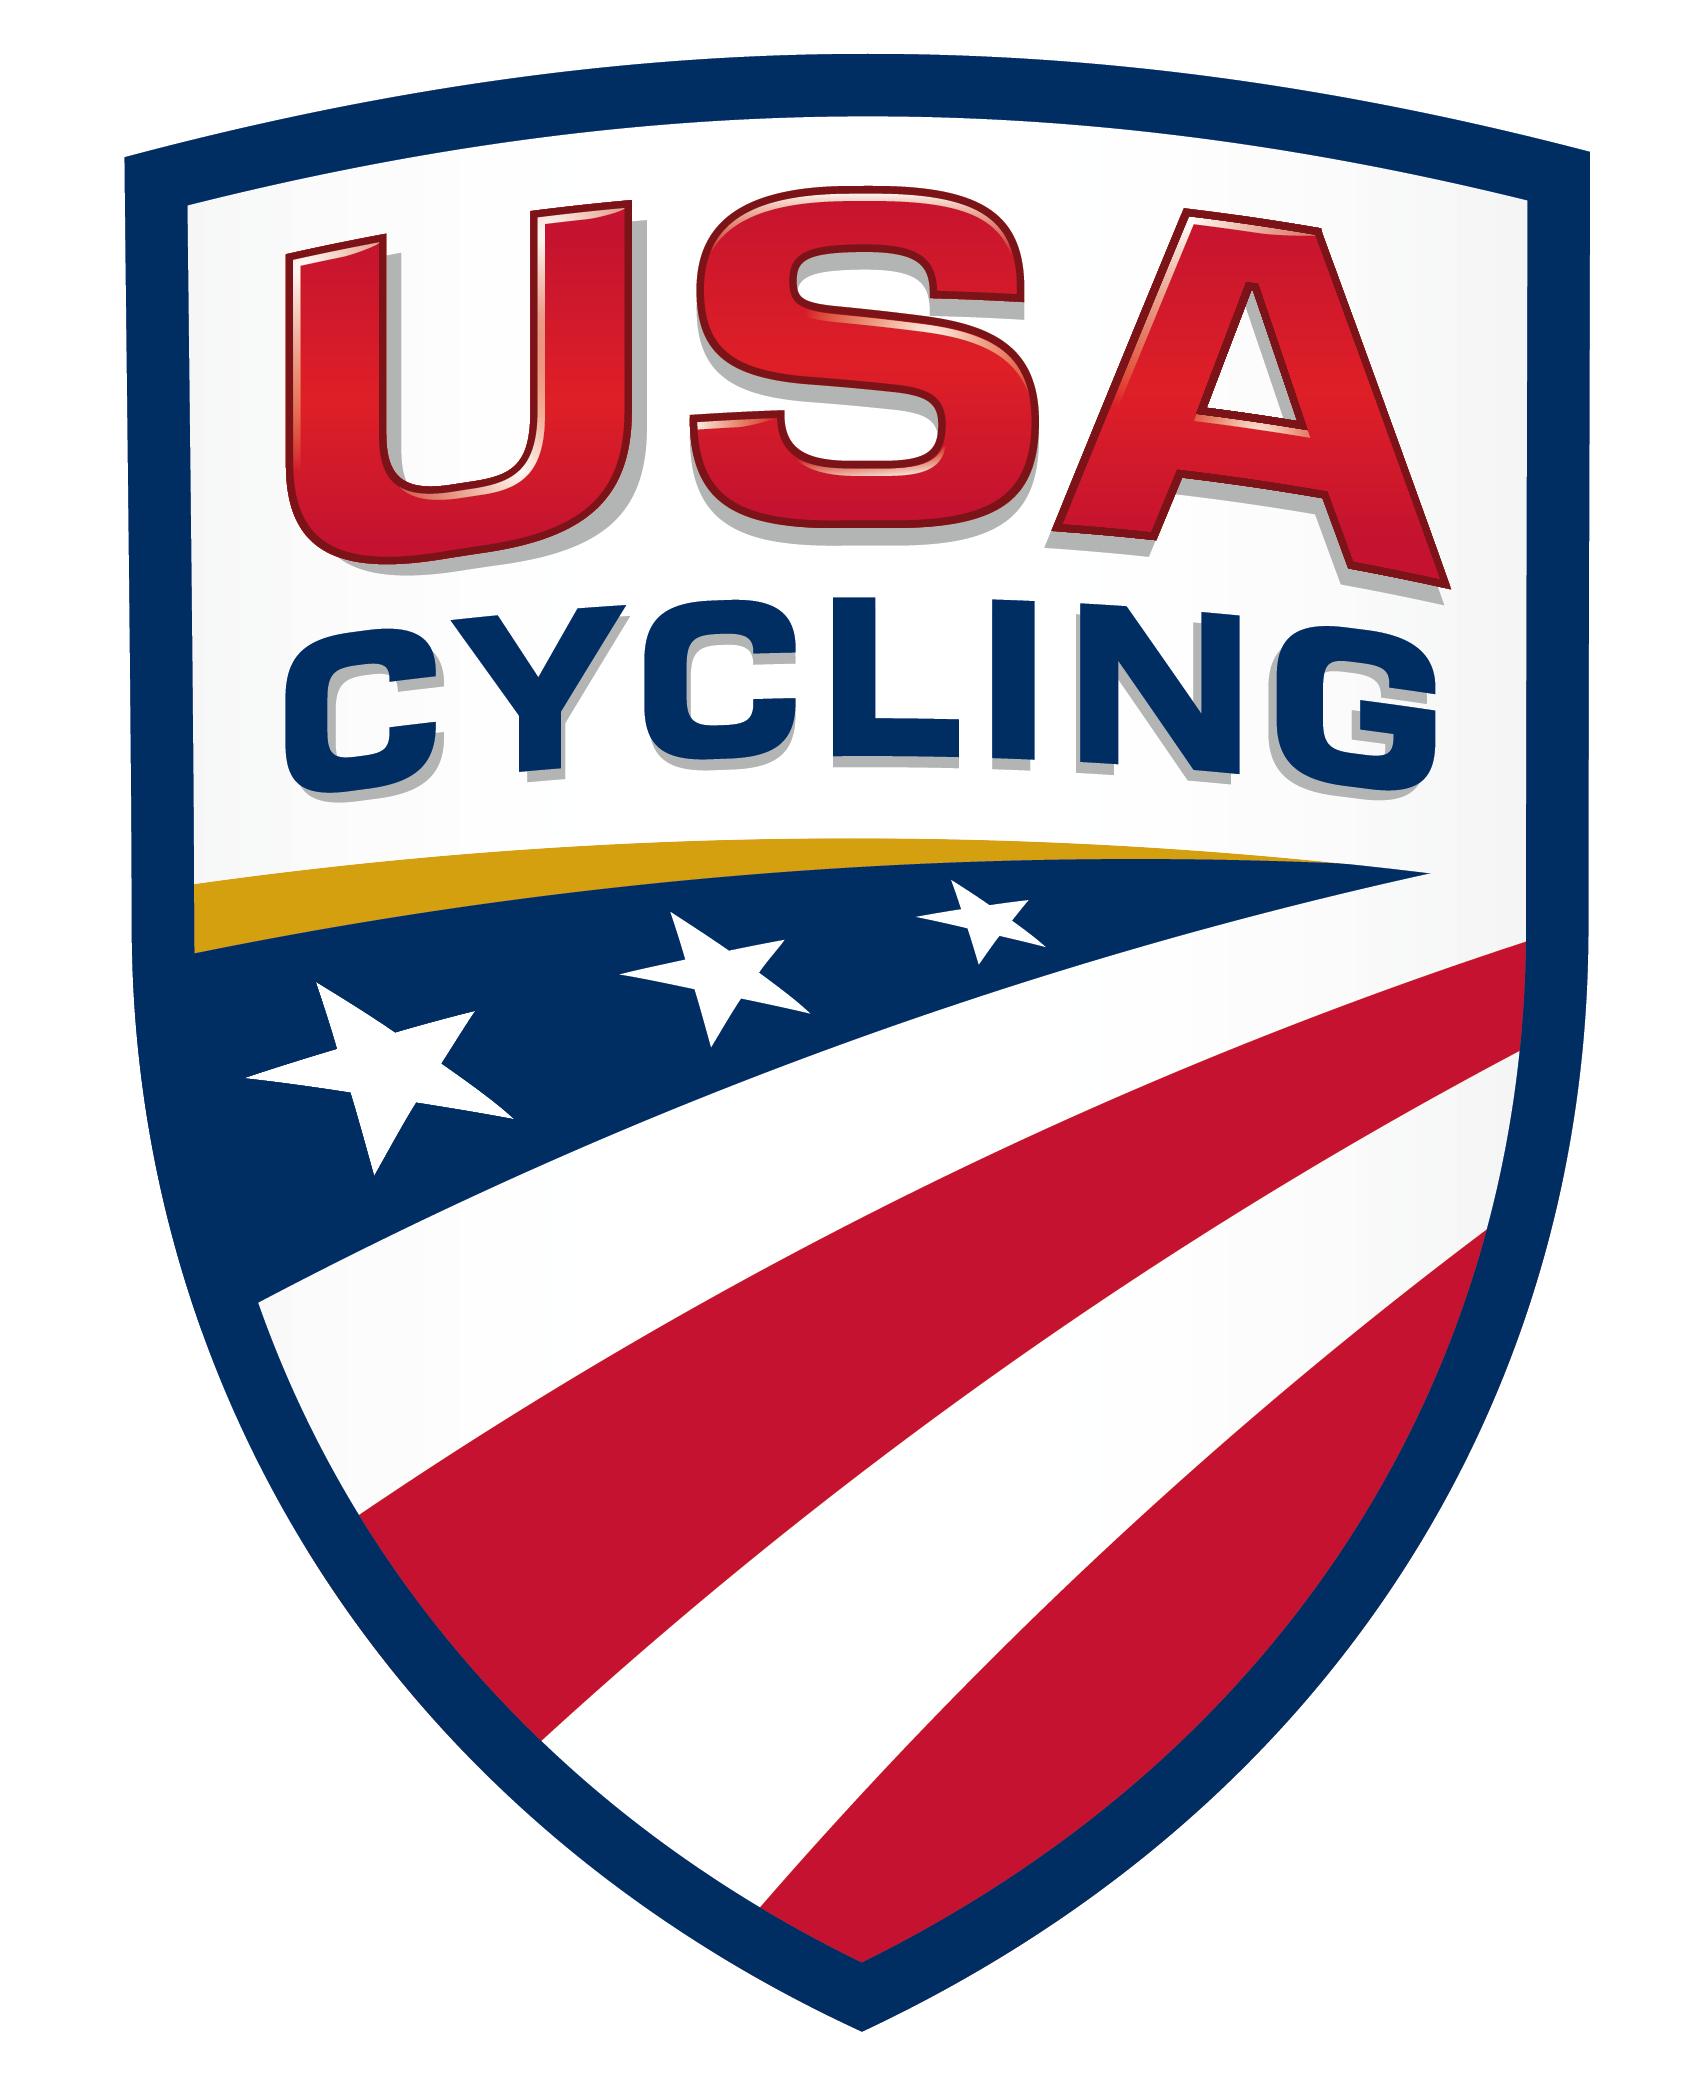 USA_Cycling_FlatStars copy.png